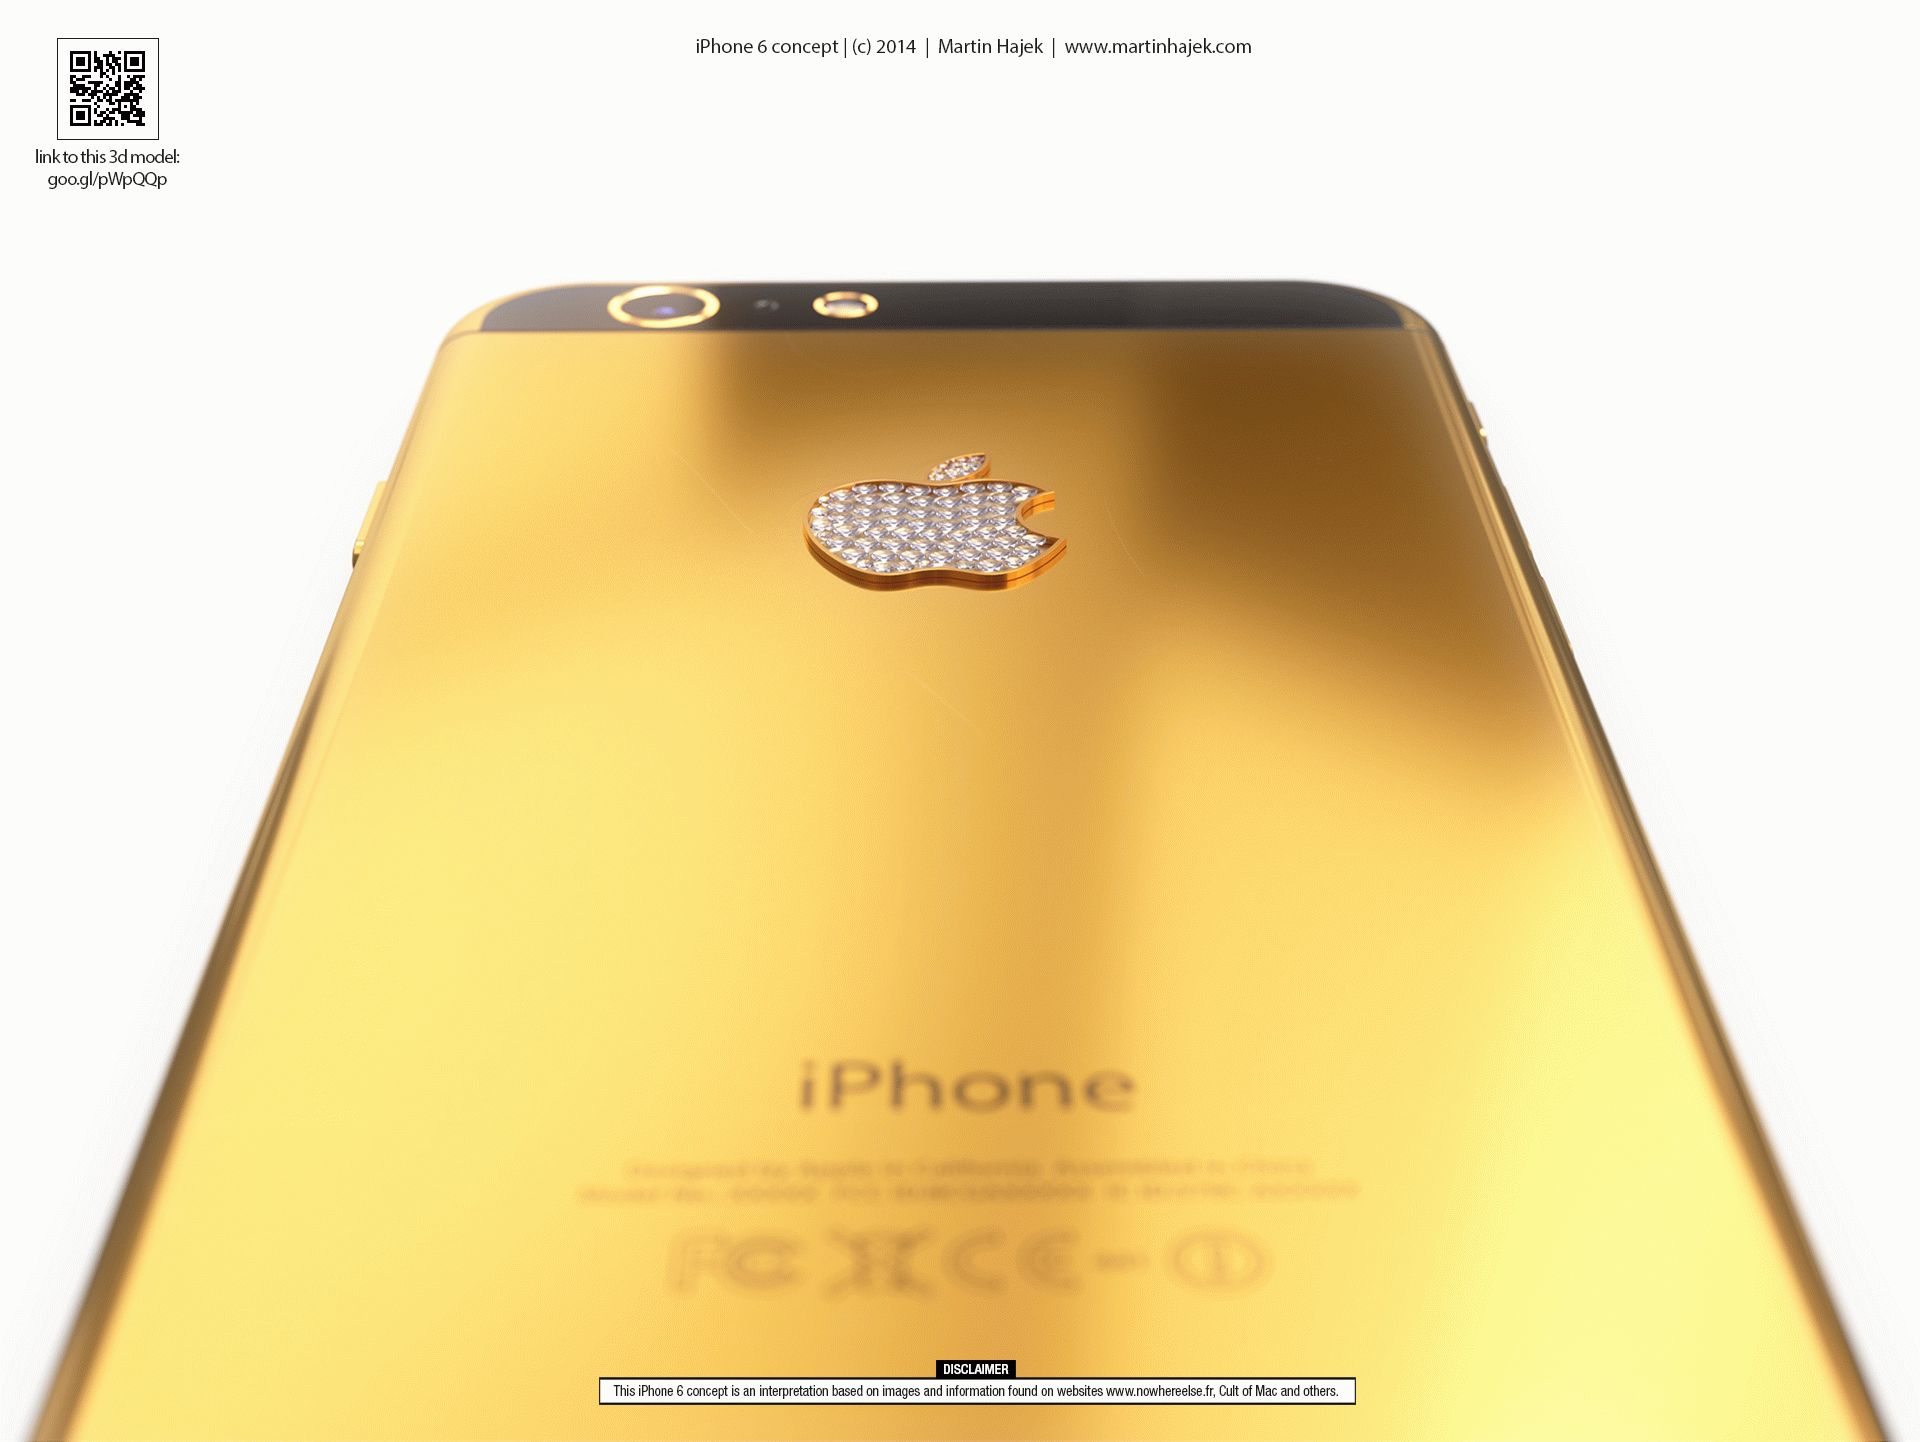 dizayner-predstavil-zolotuyu-versiyu-iphone-6-inkrustirovannuyu-dragotsennyimi-kamnyami---